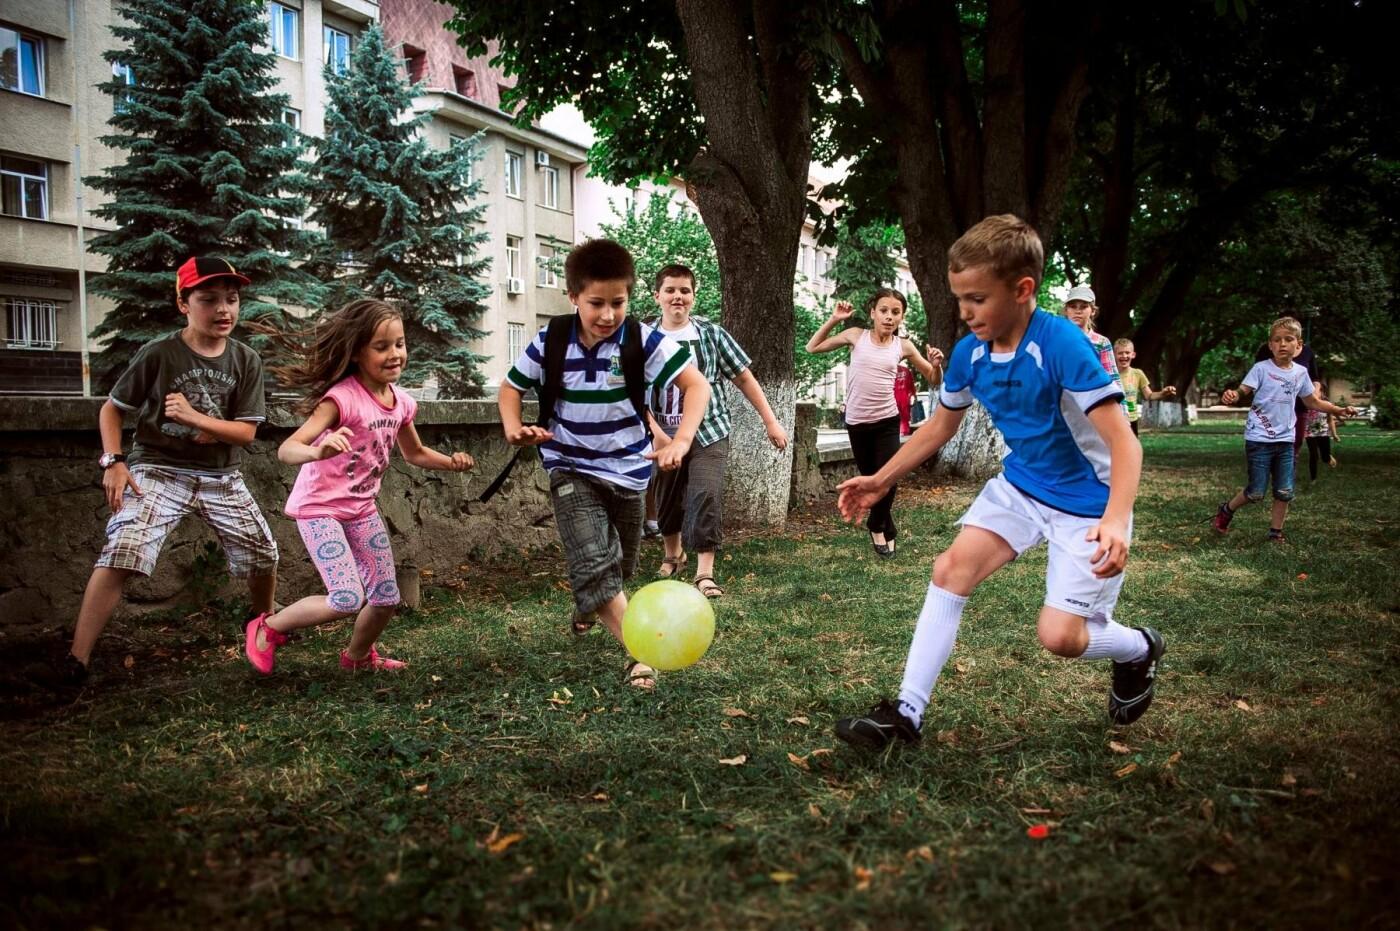 """Незабаром літні канікули: як дітям провести вільний час підкаже навчальний центр """"Поліглот"""" , фото-3"""